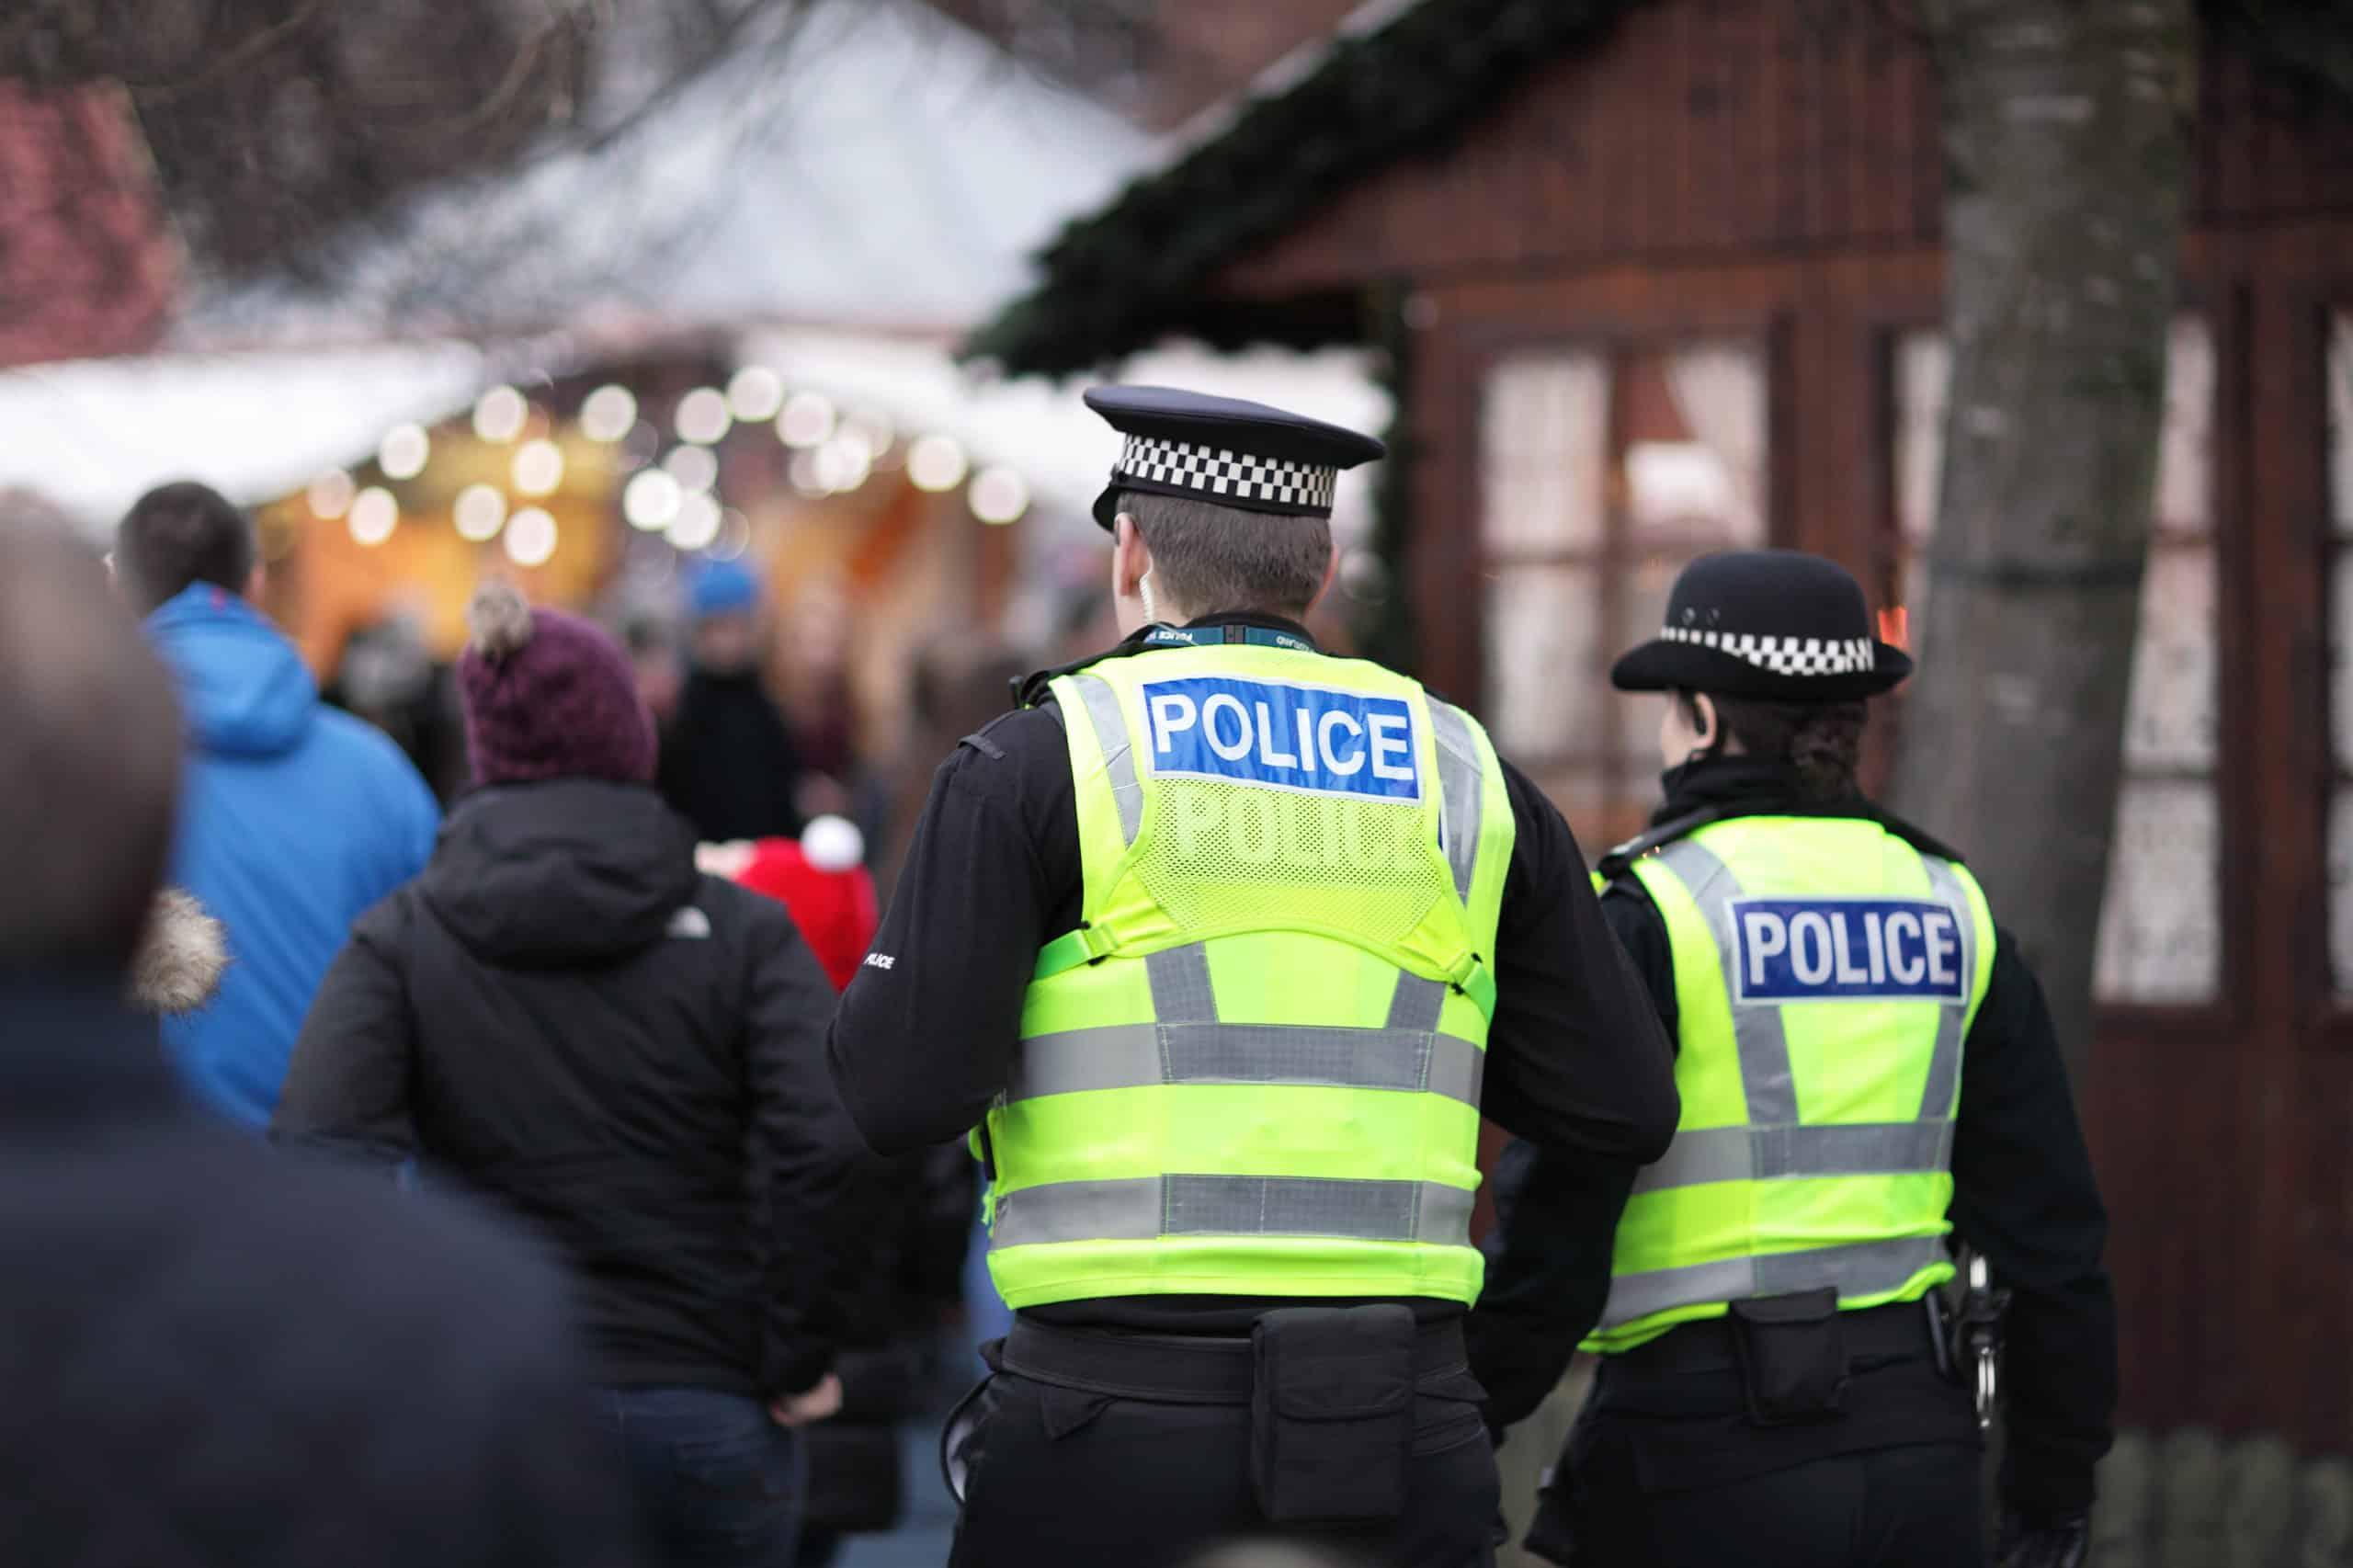 Public face £1,000 fine